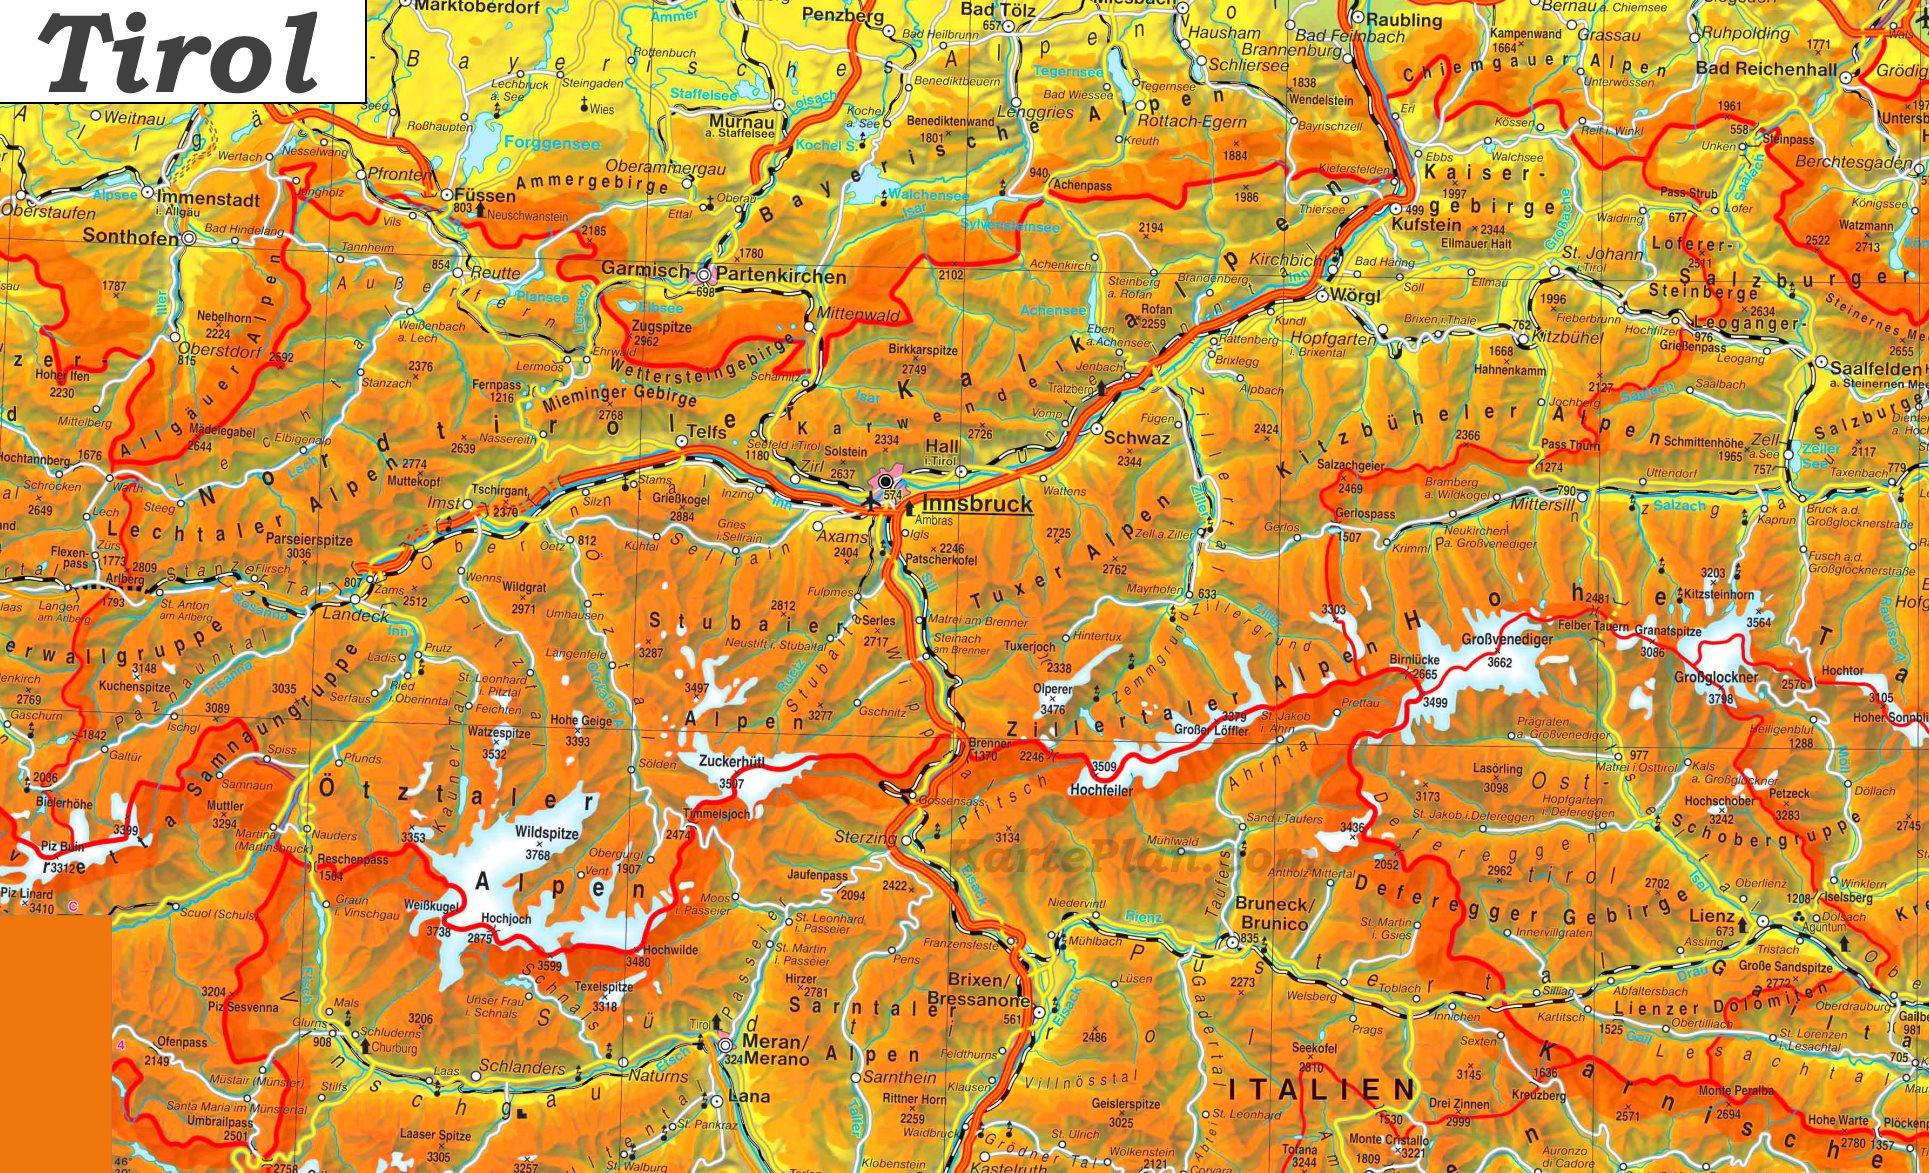 Karte Tirol.Detaillierte Karte Von Tirol